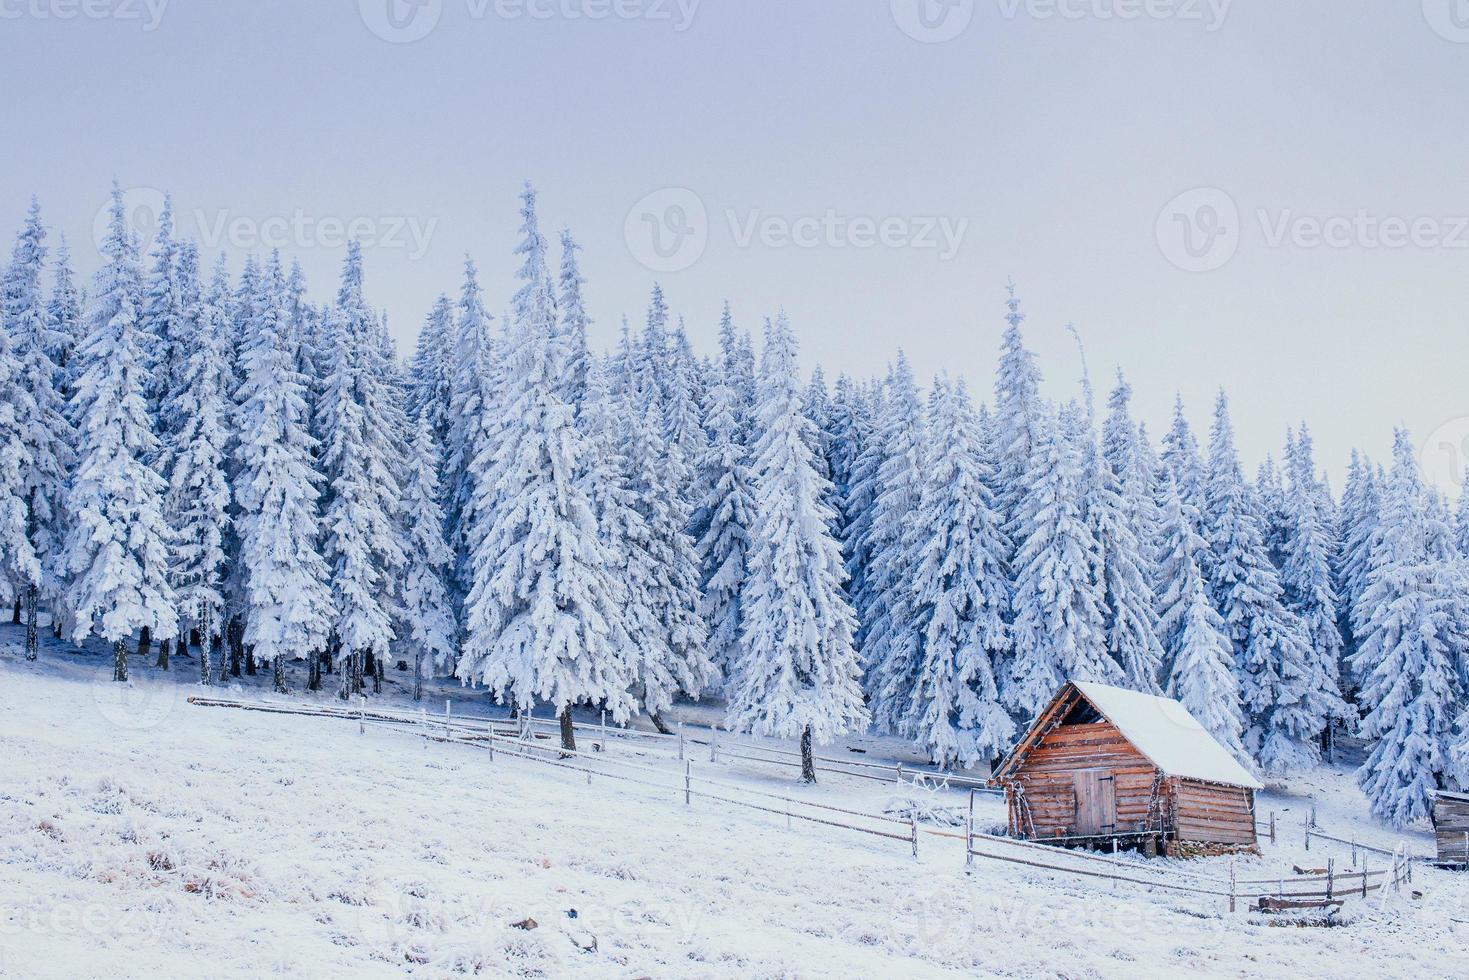 paisagem de inverno de árvores cobertas de neve no inverno geada ec foto